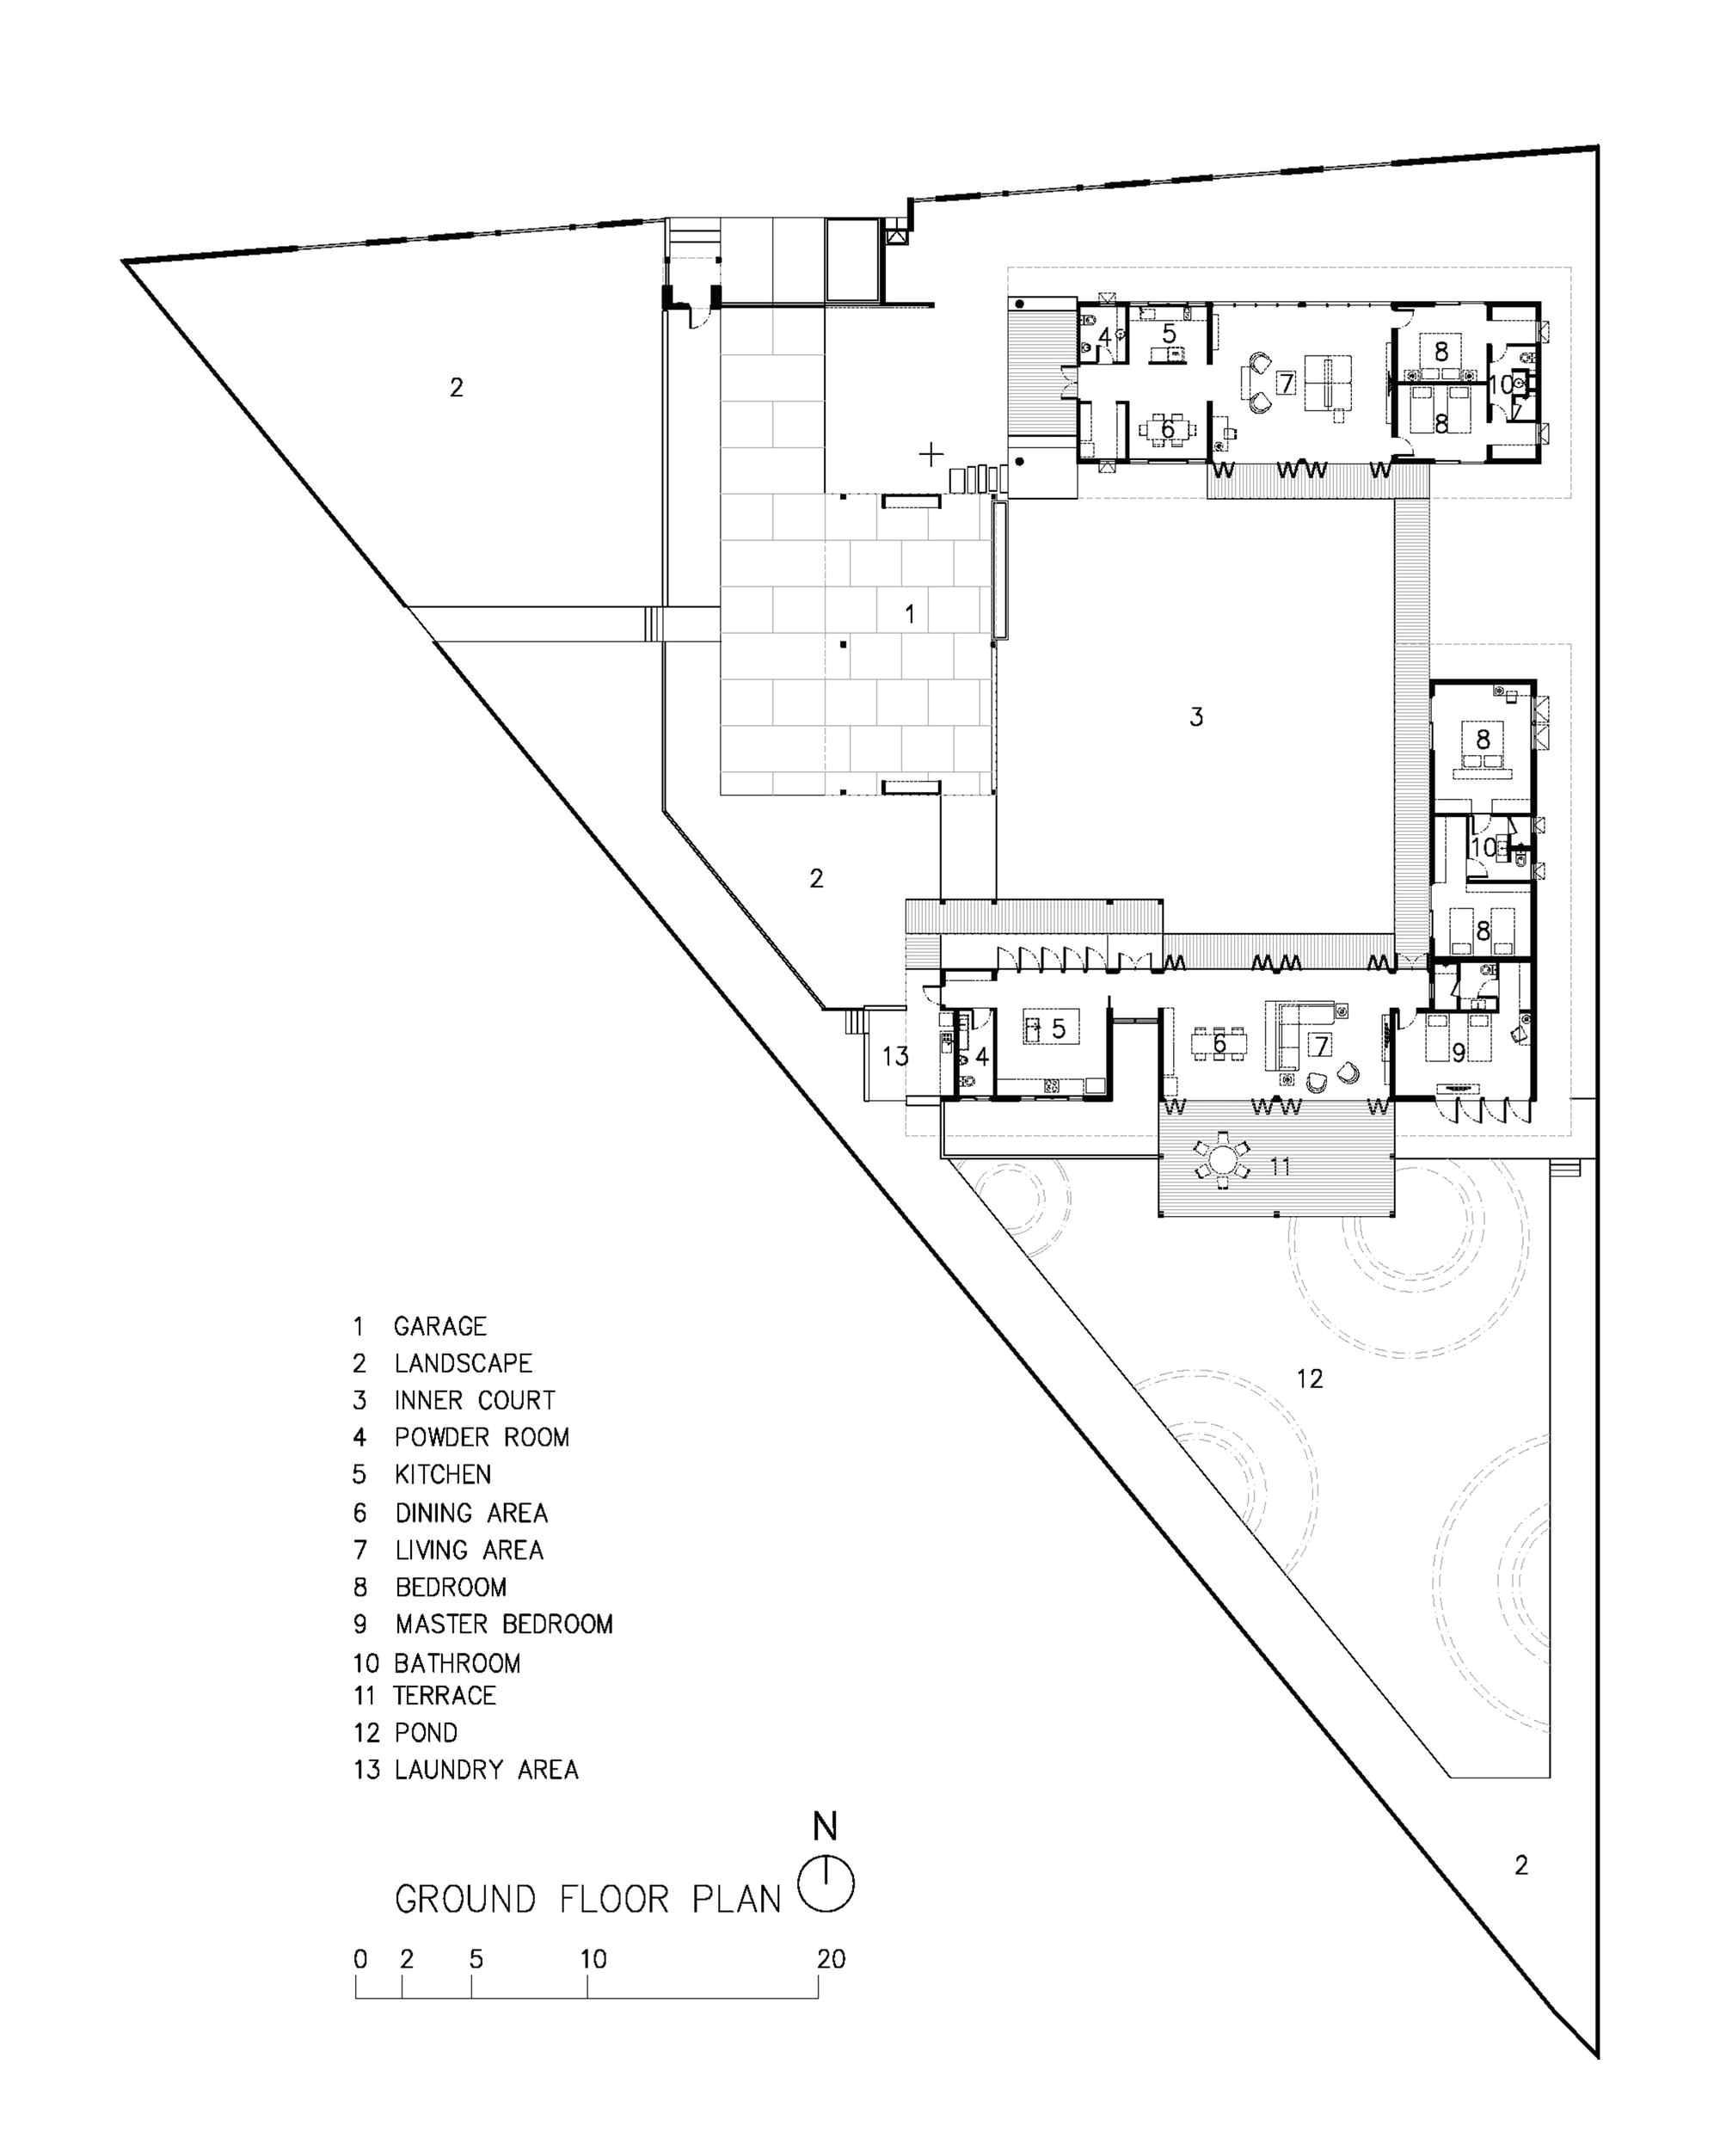 gmc rv floor plans elegant motorhome drawing at getdrawings